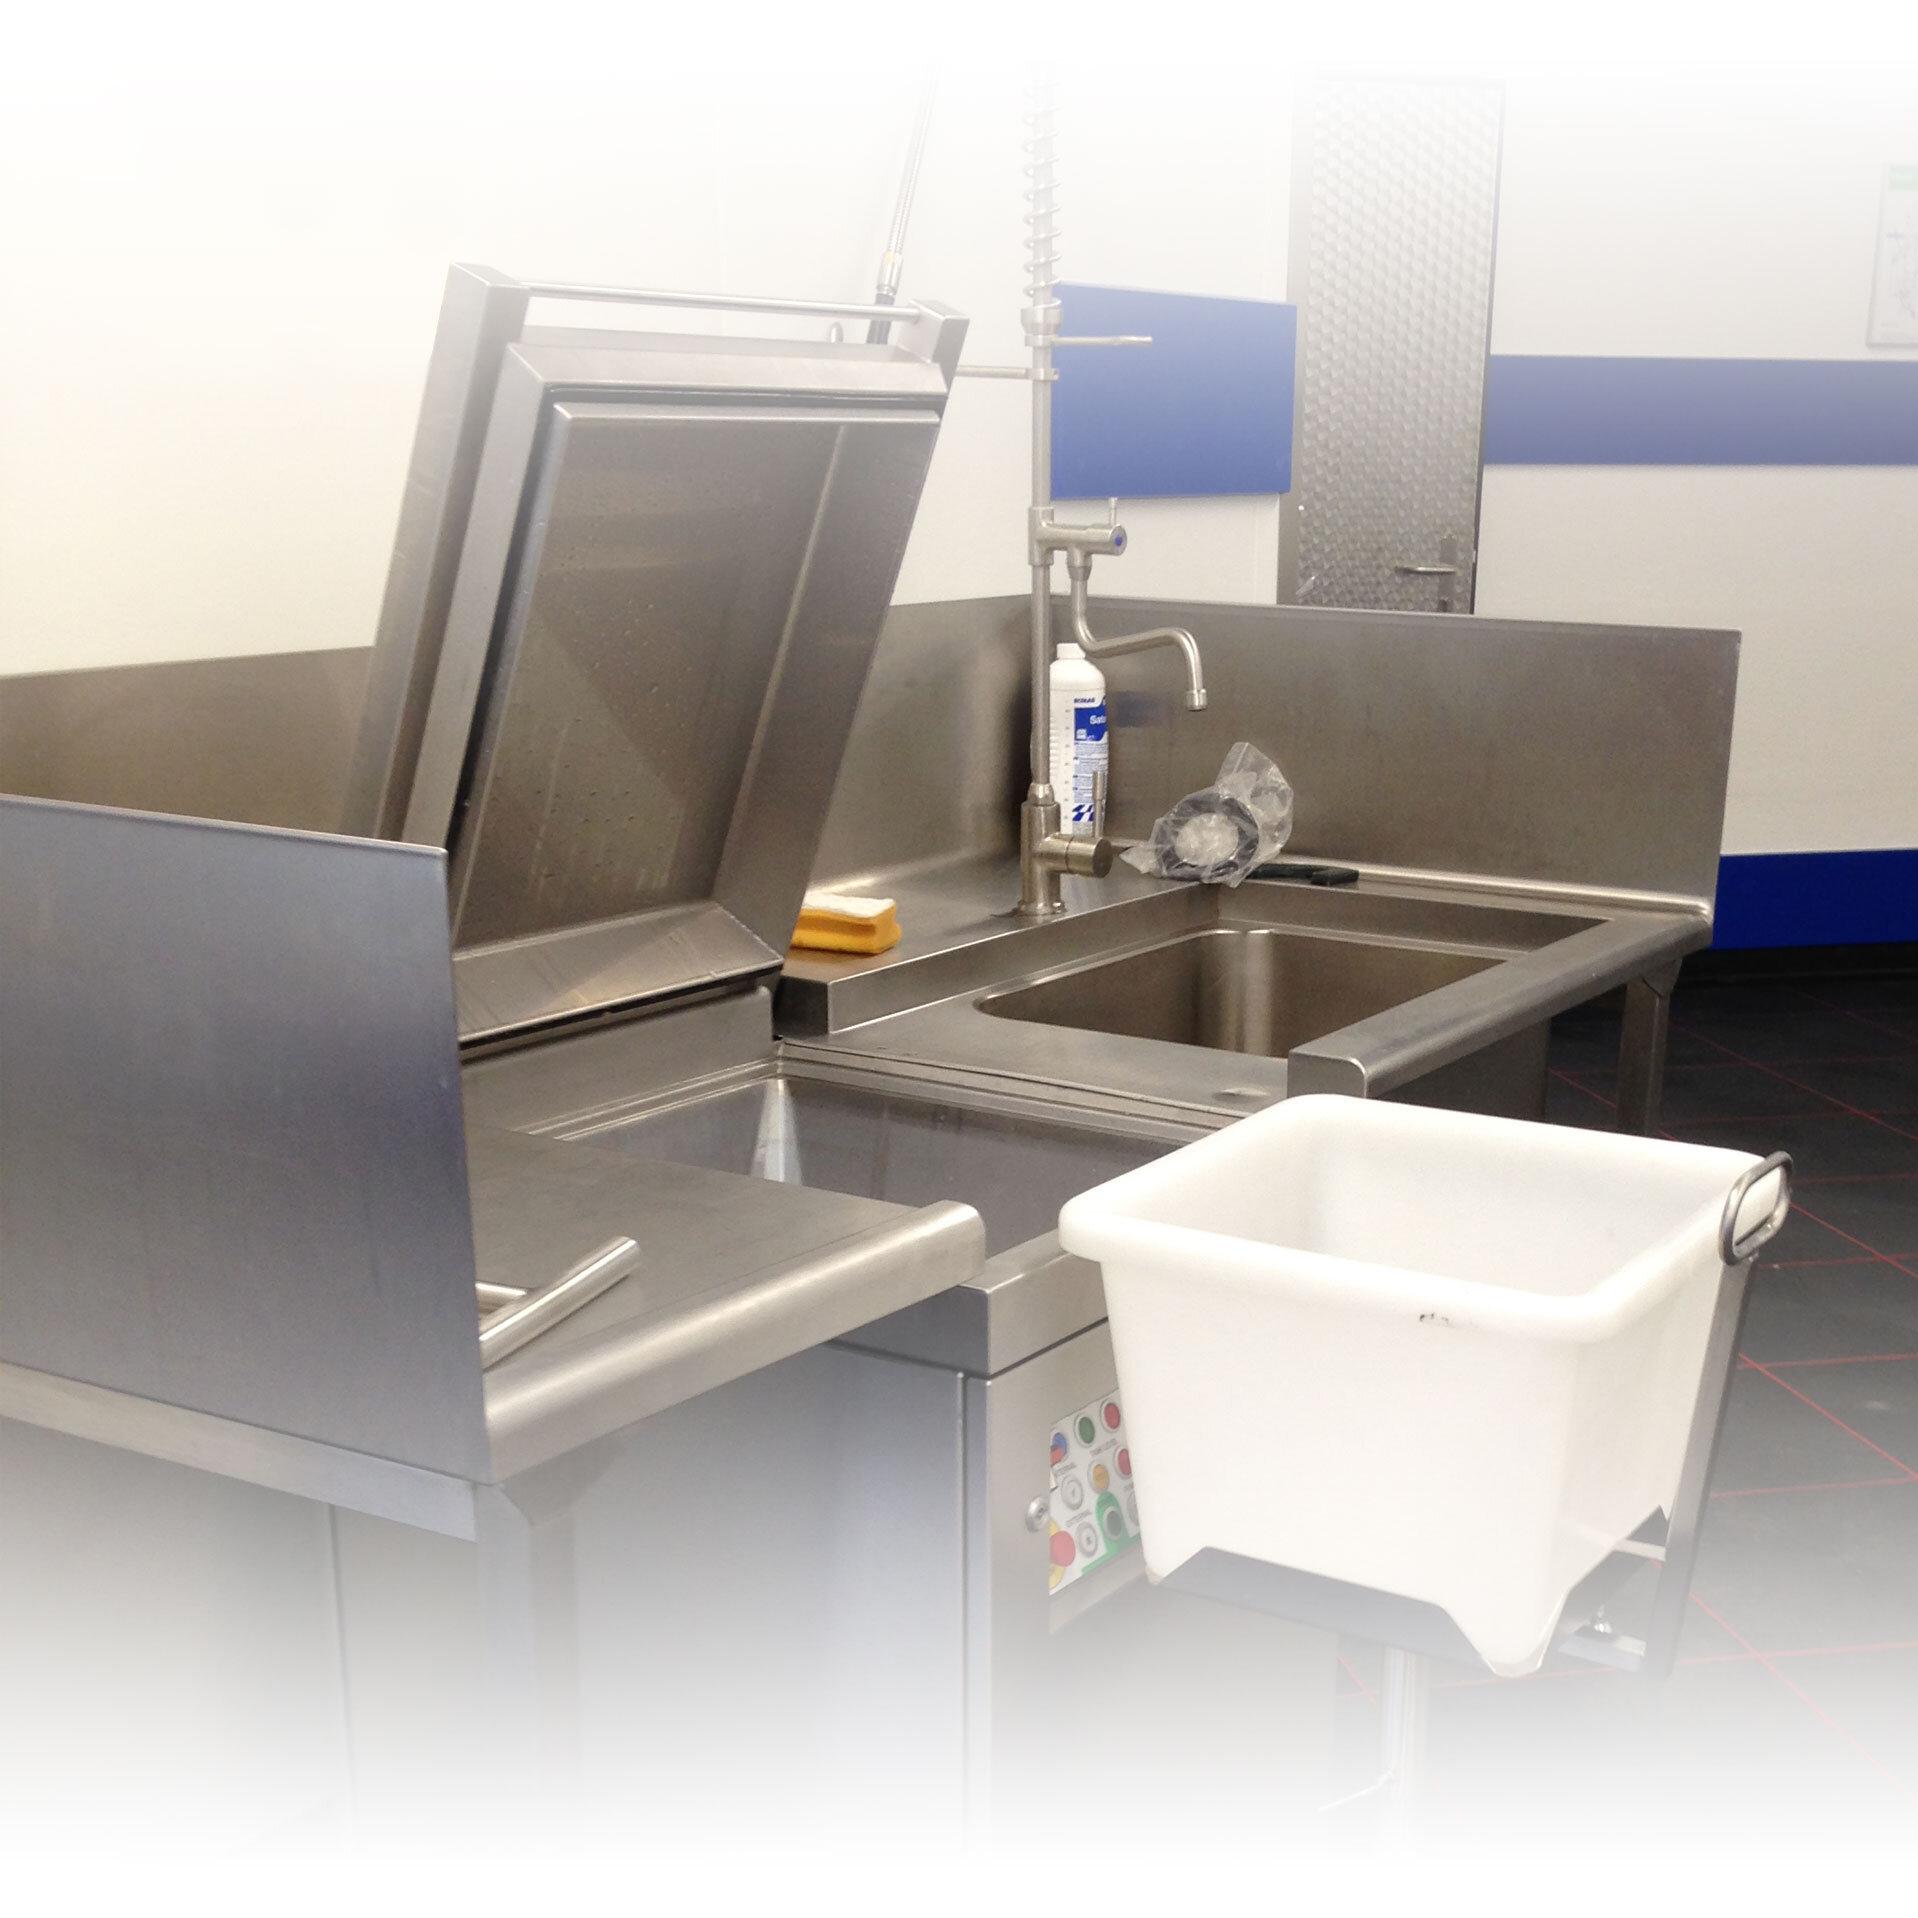 Meiko Ansicht Hygienestation